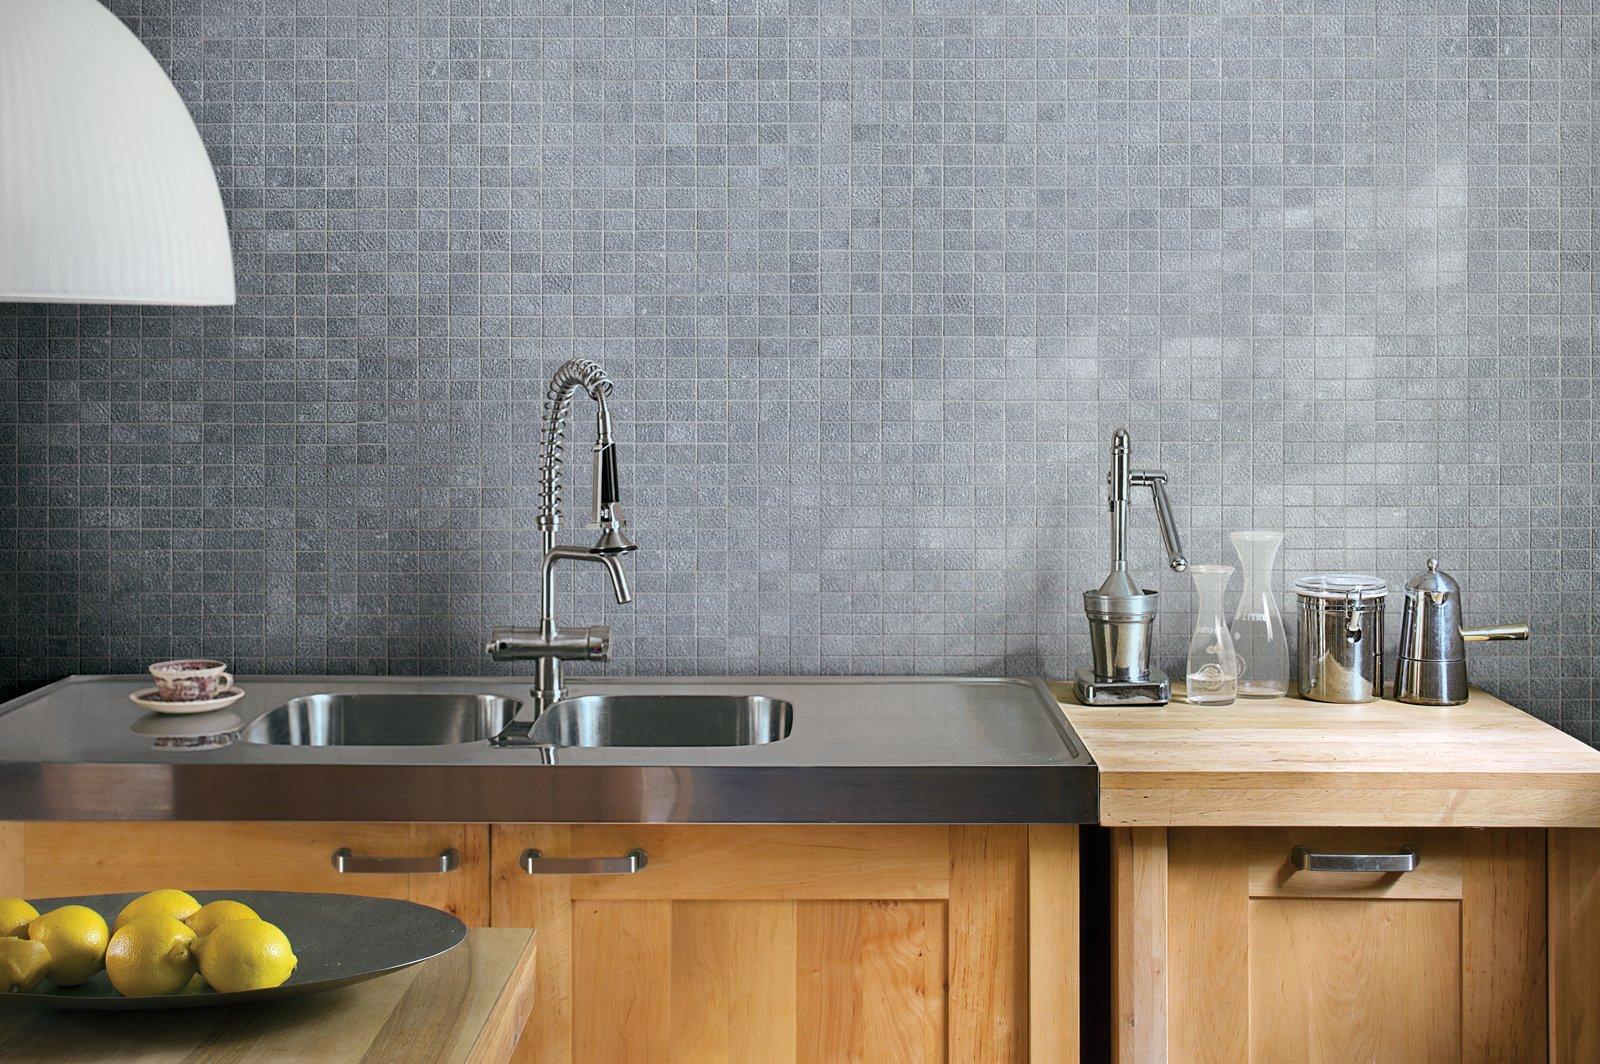 Cucina piastrelle per le pareti cose di casa for Immagini per cucina